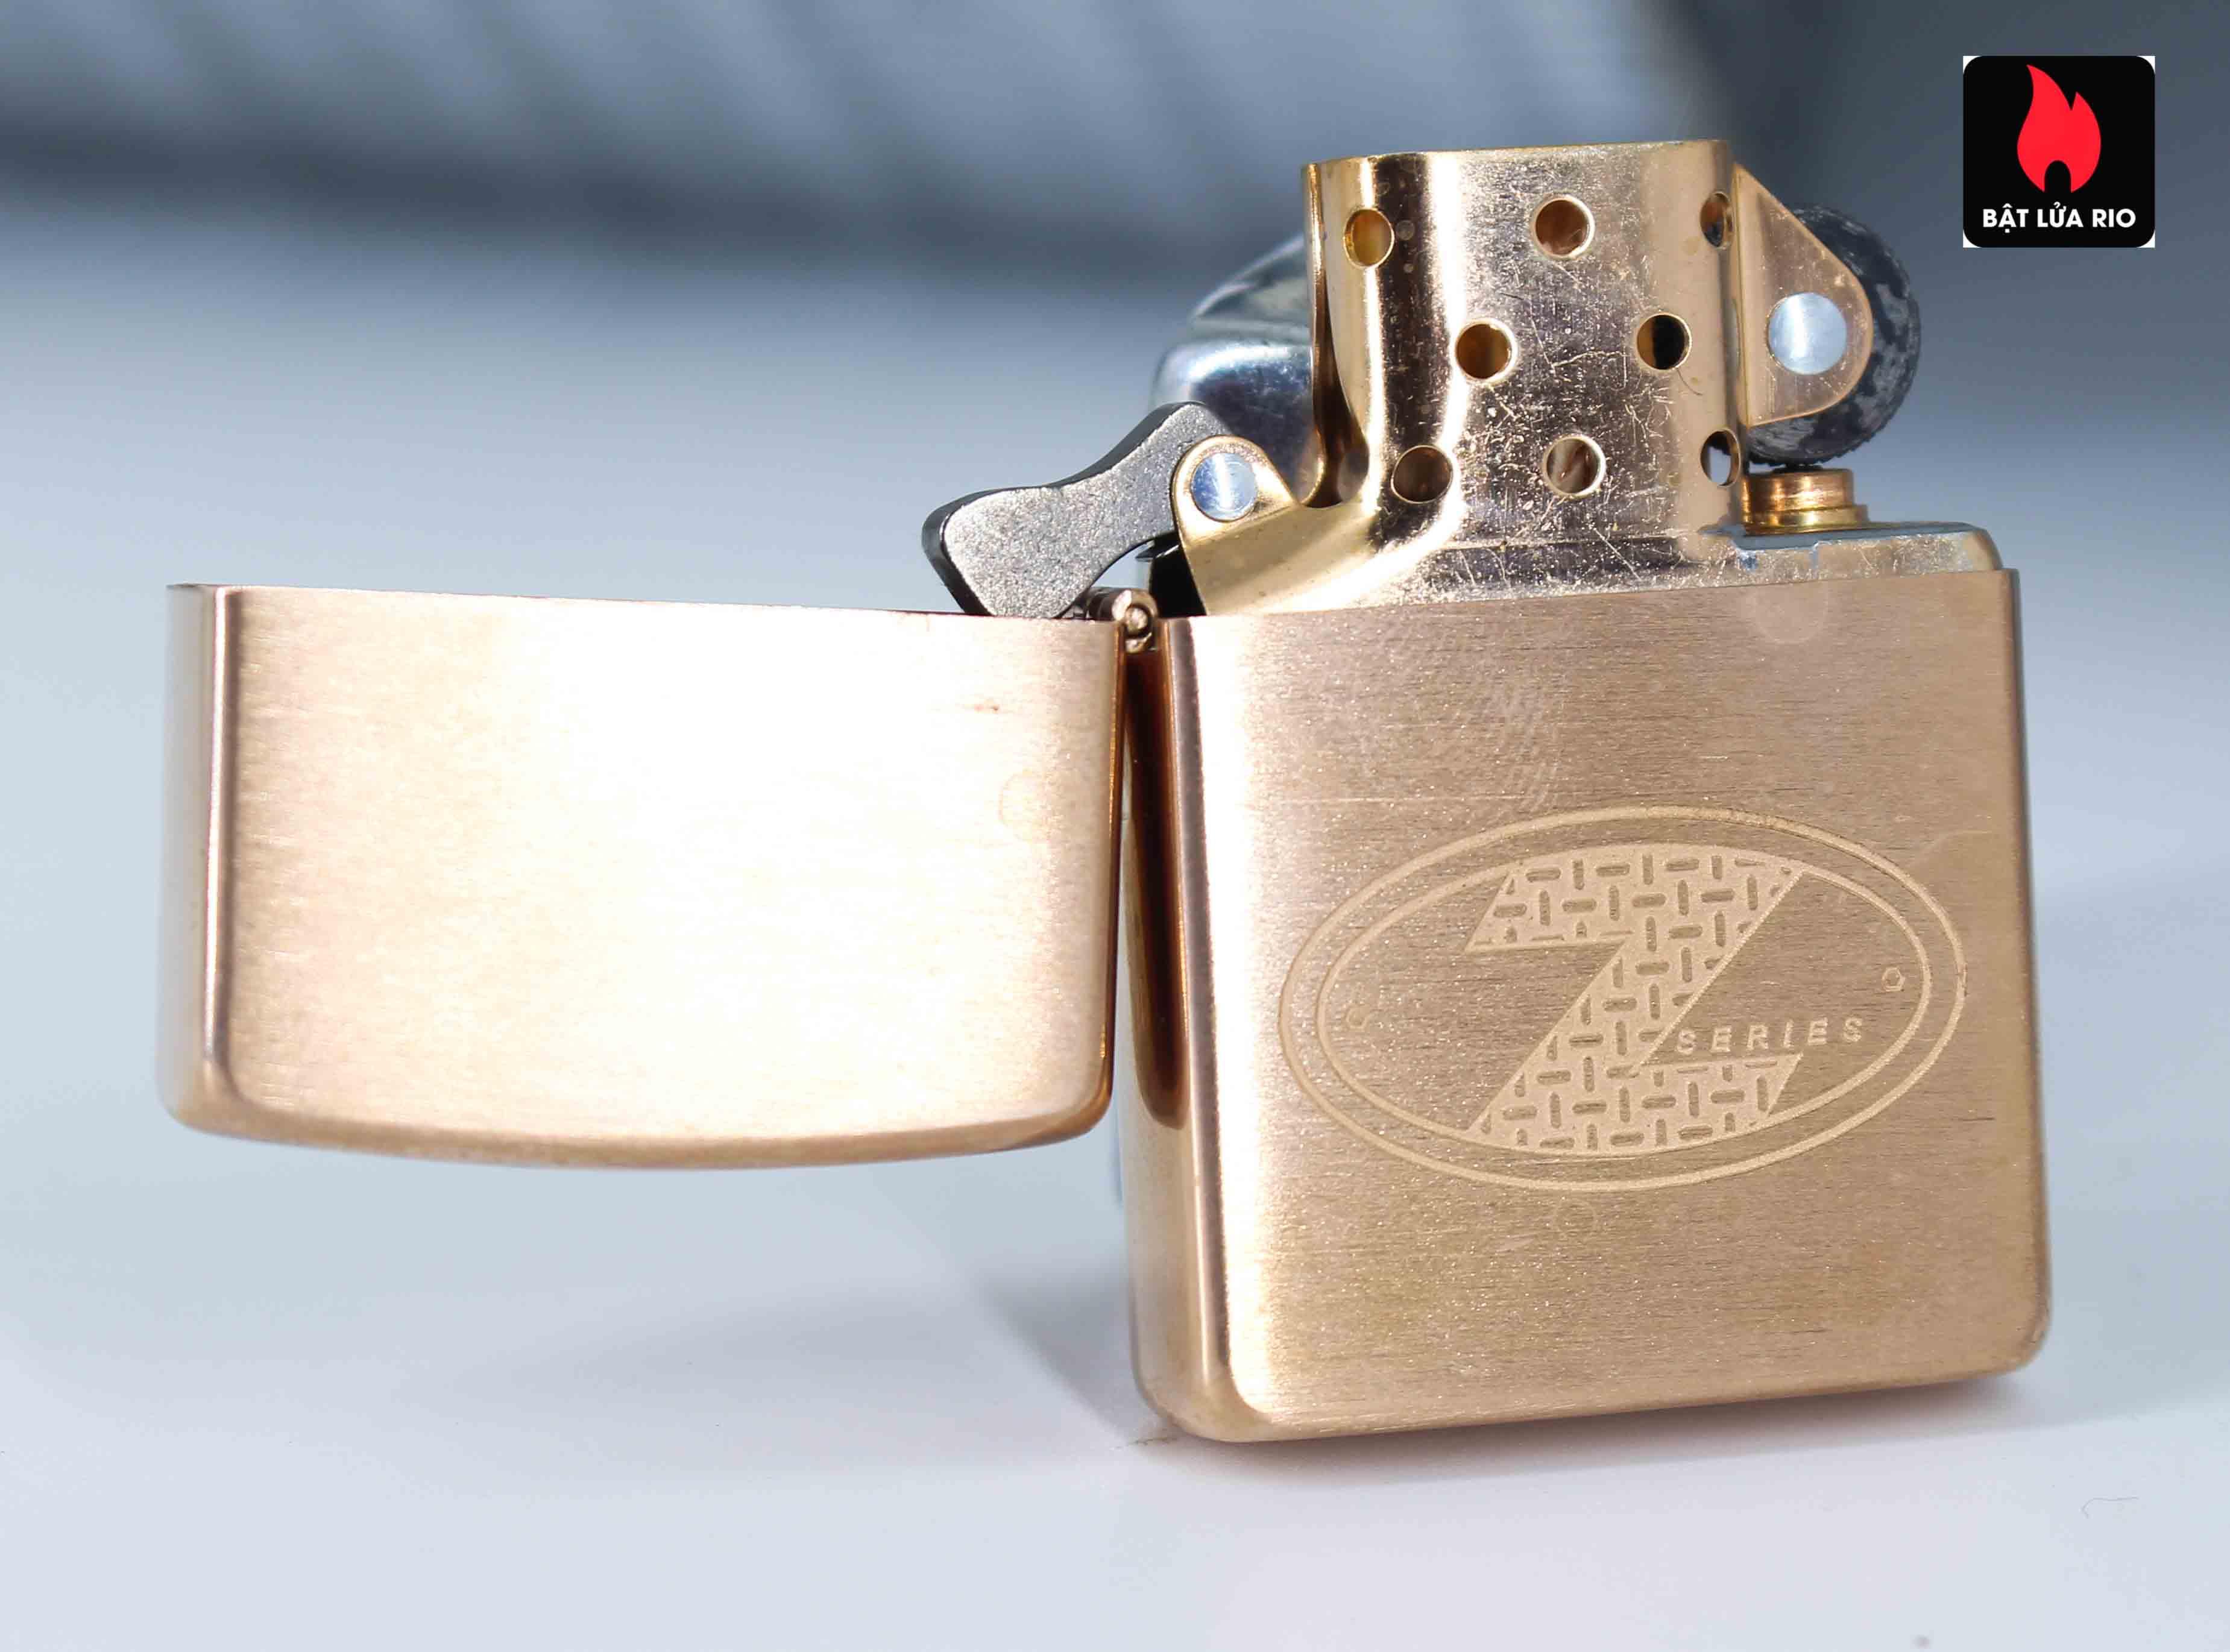 Zippo 2002 - Zippo Z-Series Copper Project - Click Member Edition 020/100 2